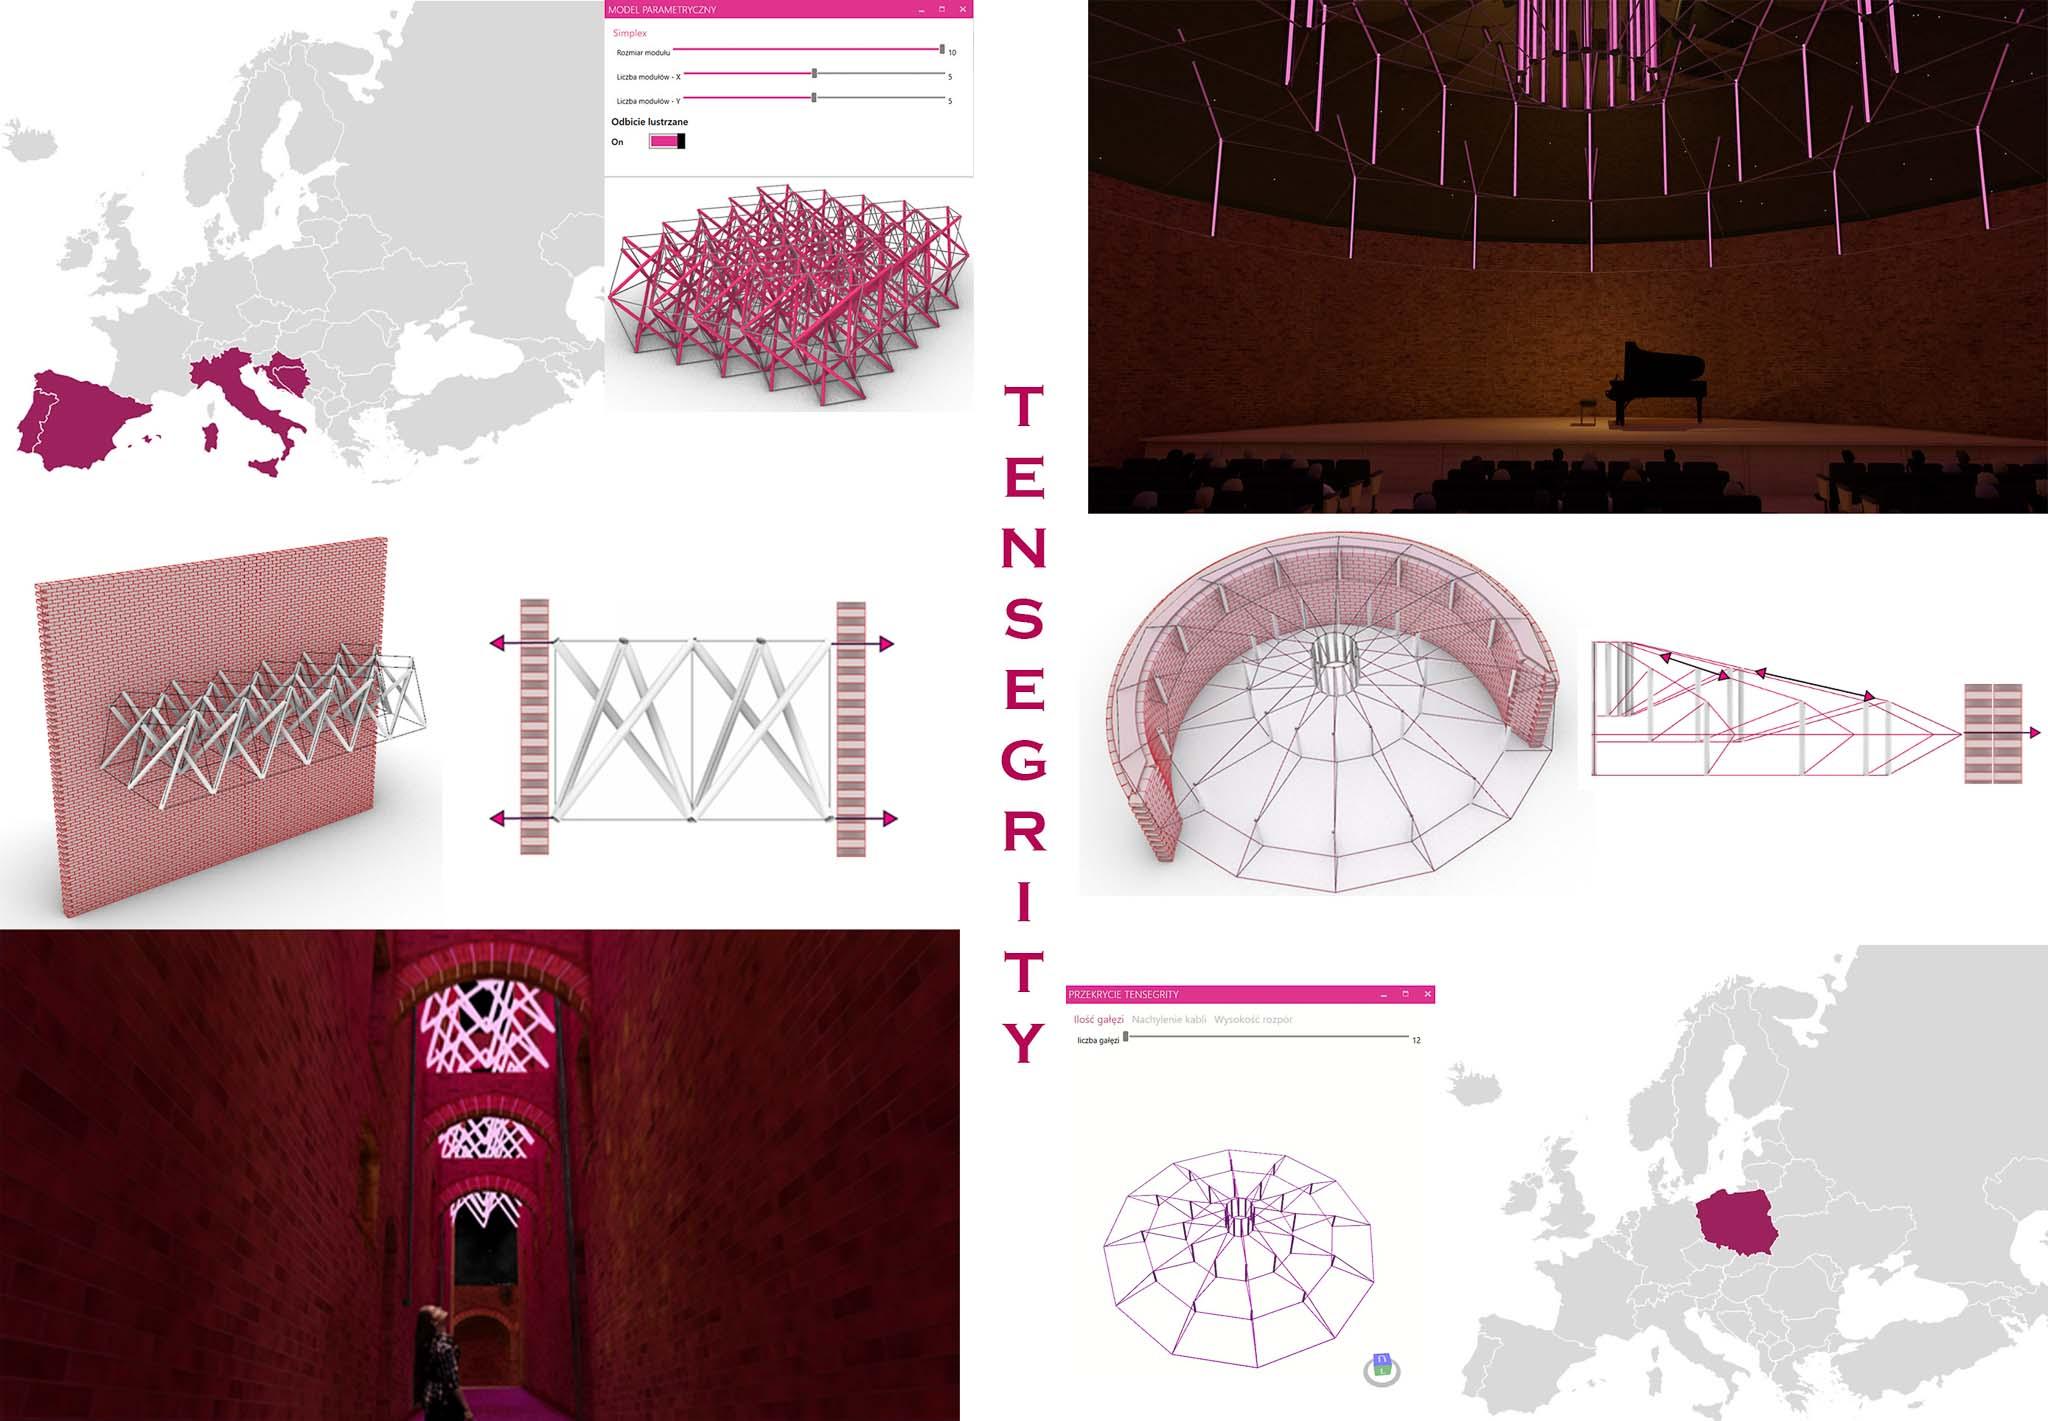 Konstrukcje tensegrity w obiektach historycznych, projektowanie parametryczne i optymalizacja